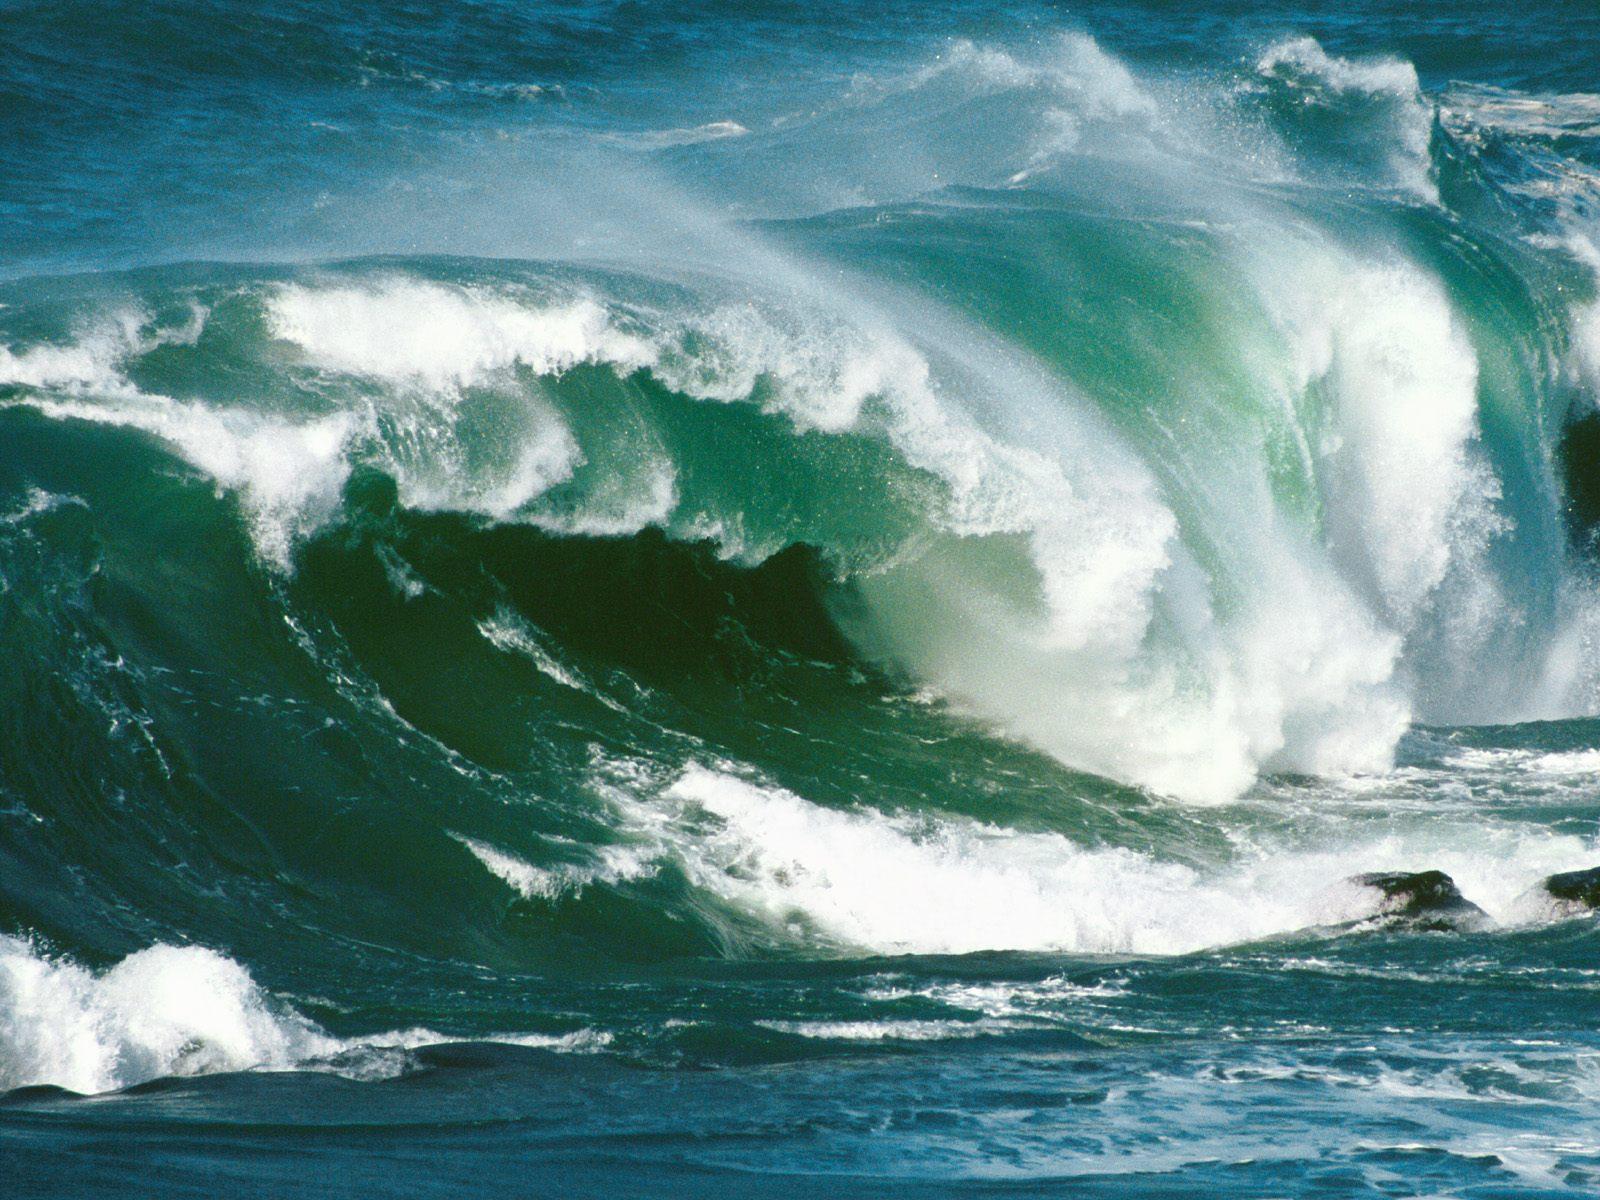 http://3.bp.blogspot.com/-2qbi1IUzLKw/UEg7M7ycPVI/AAAAAAAABRw/afX_NckX8ro/s1600/bulkupload_Ocean-Wallpaper_North-Island-Waves-New-Zealand.jpg